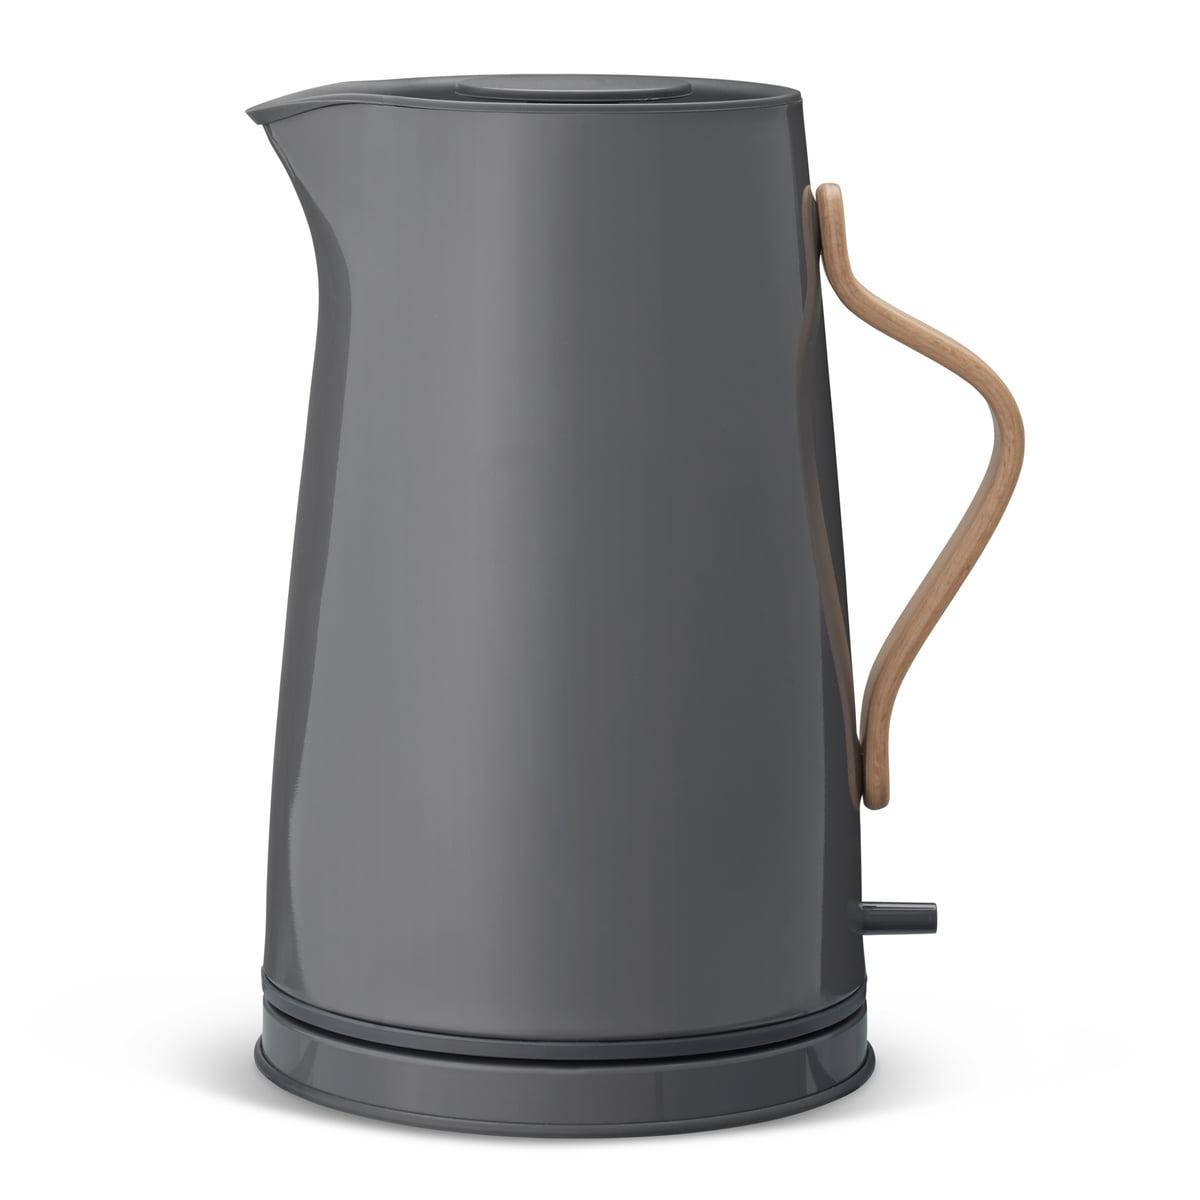 Stelton - Emma Wasserkocher 1,2 L, grau | Küche und Esszimmer > Küchengeräte > Wasserkocher | Grau | Stelton